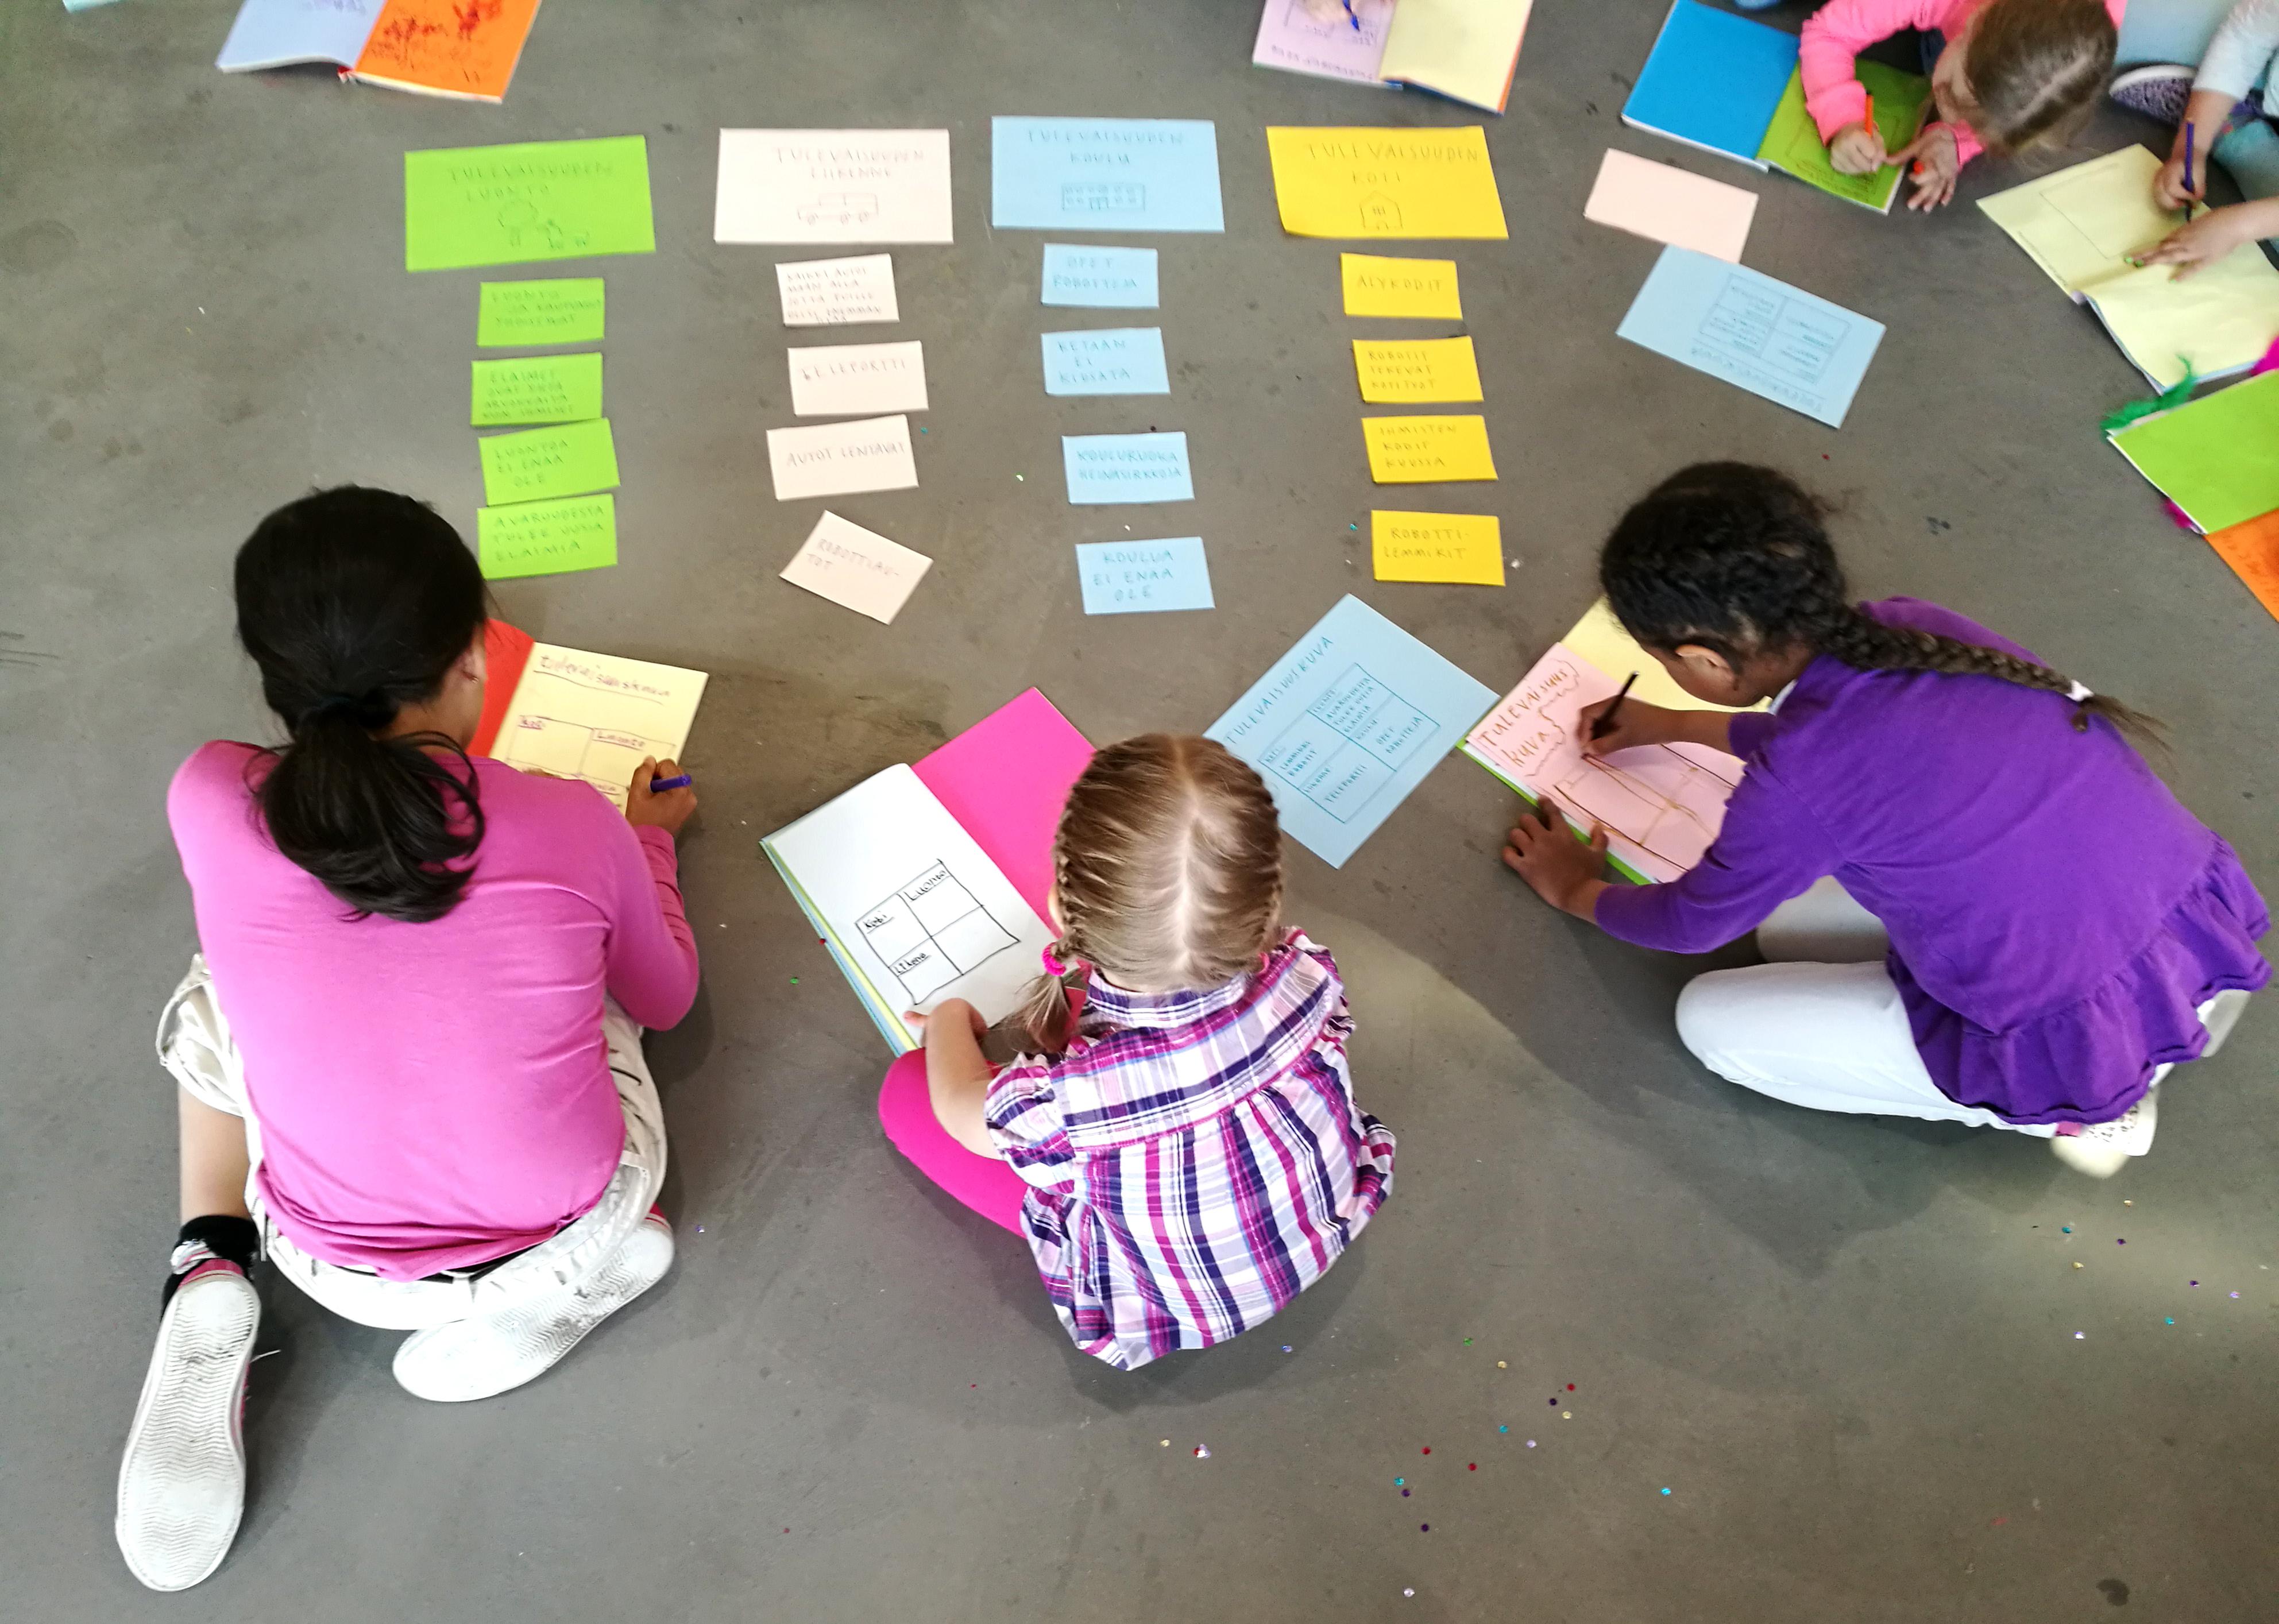 Tulevaisuusoppimisen teemapäivää vietetään Suomen kouluissa 18.4.2018